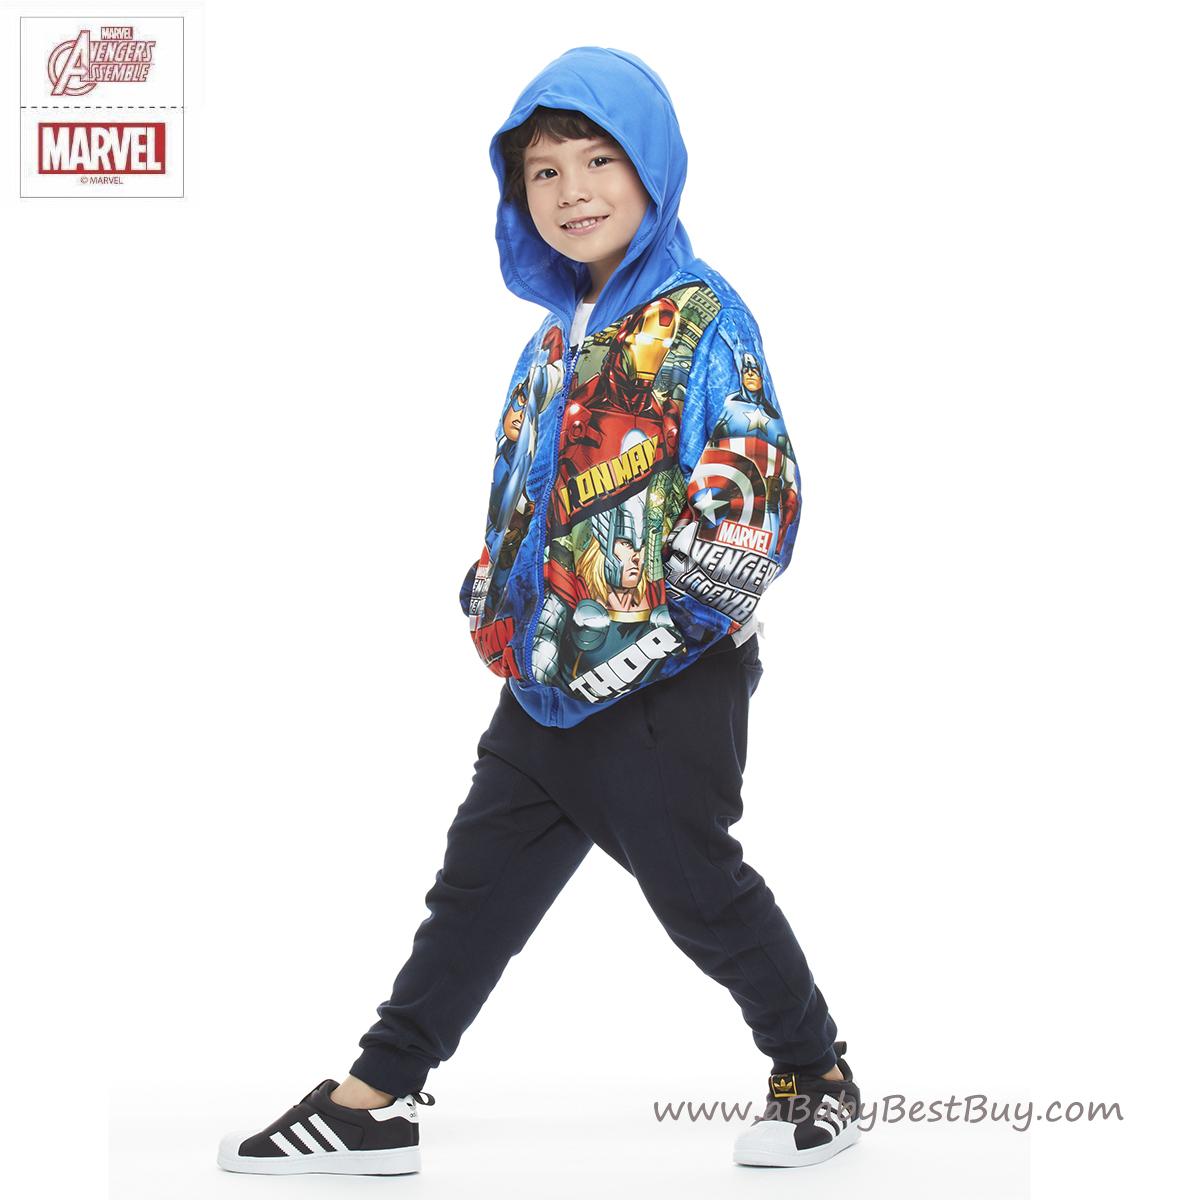 """""""( S-M-L-XL ) เสื้อแจ็คเก็ต เสื้อกันหนาวแขนยาว เด็กผู้ชาย สกรีนลาย Super Hero - The Avengers สีน้ำเงิน รูดซิป มีหมวก(ฮู้ด) ใส่คลุมกันหนาว กันแดด สุดเท่ห์ ใส่สบาย ลิขสิทธิ์แท้ (ไซส์ S-M-L-XL )"""